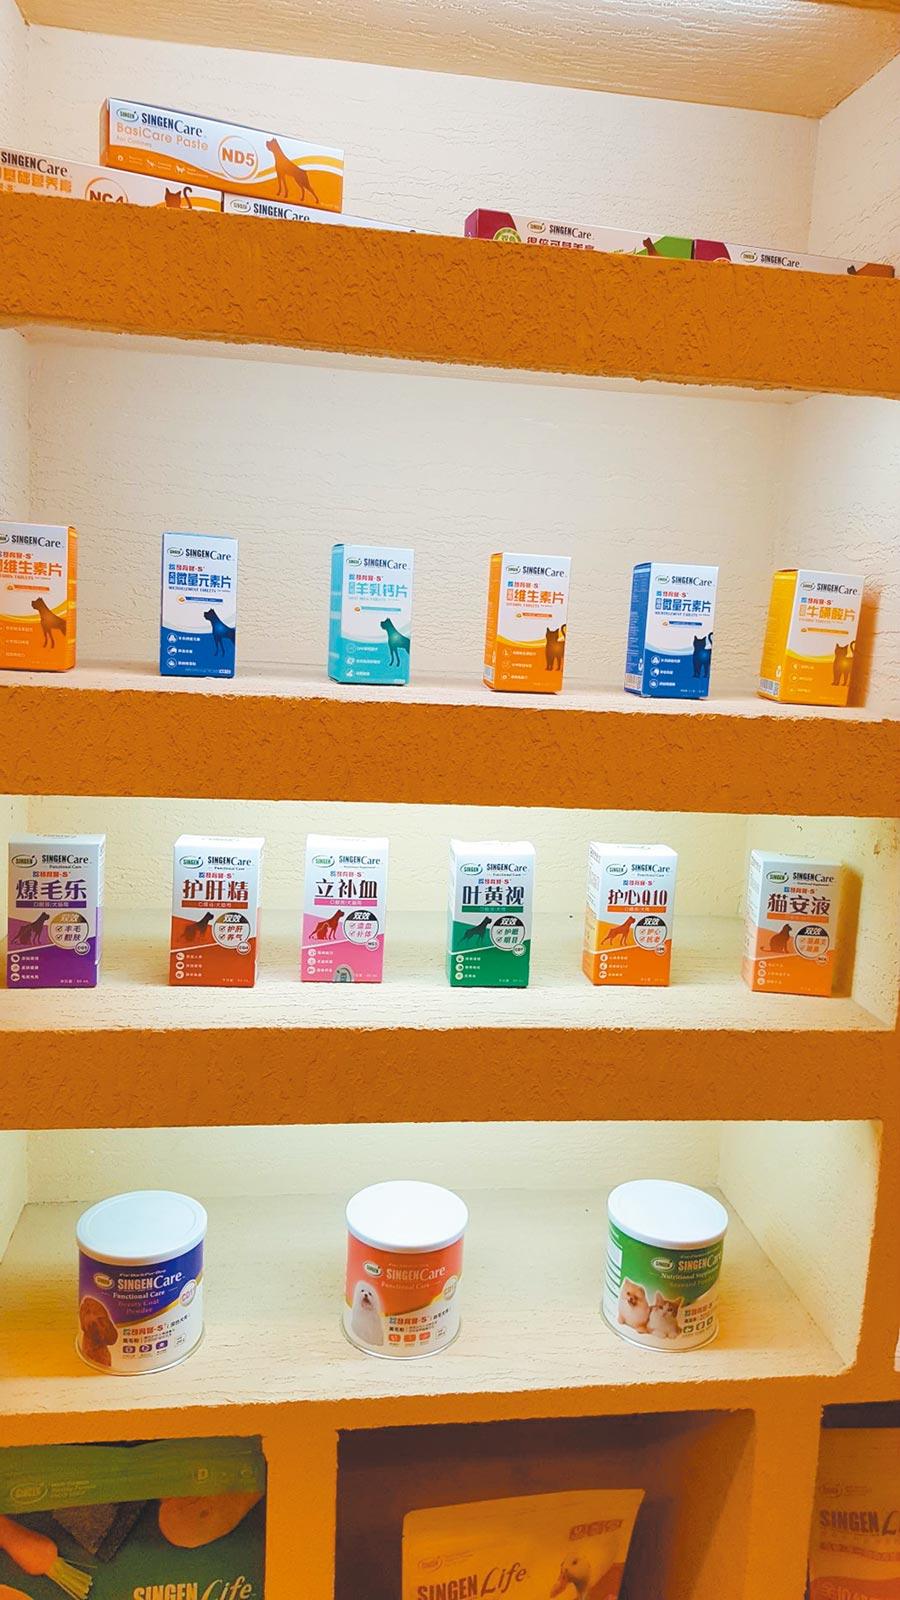 上海信元生產一系列寵物保健營養品。(記者葉文義攝)